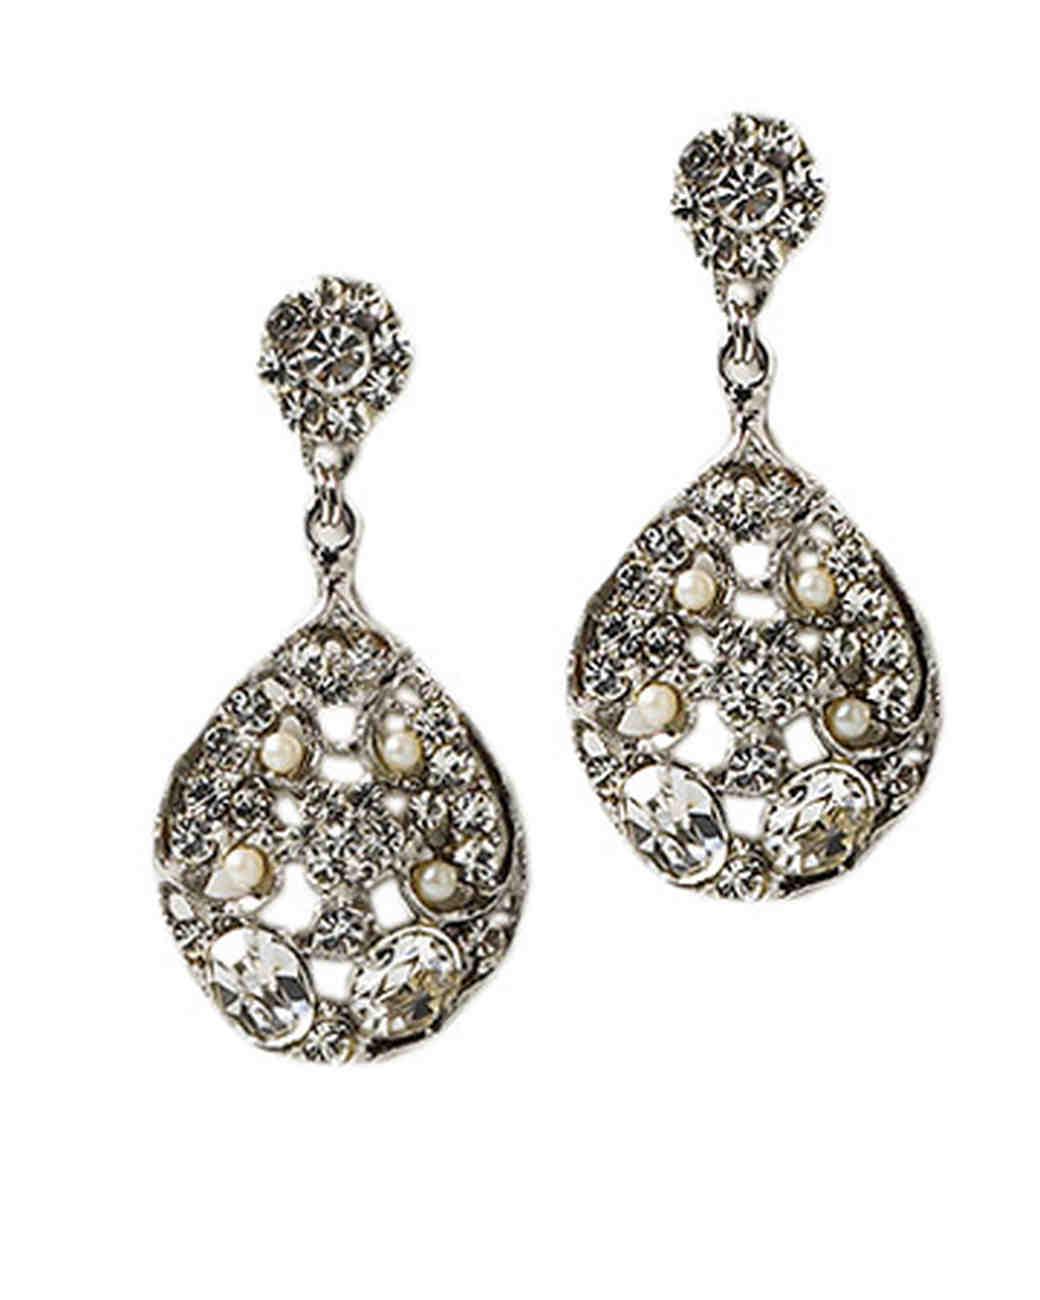 wd104606_spr09_jewelry27.jpg